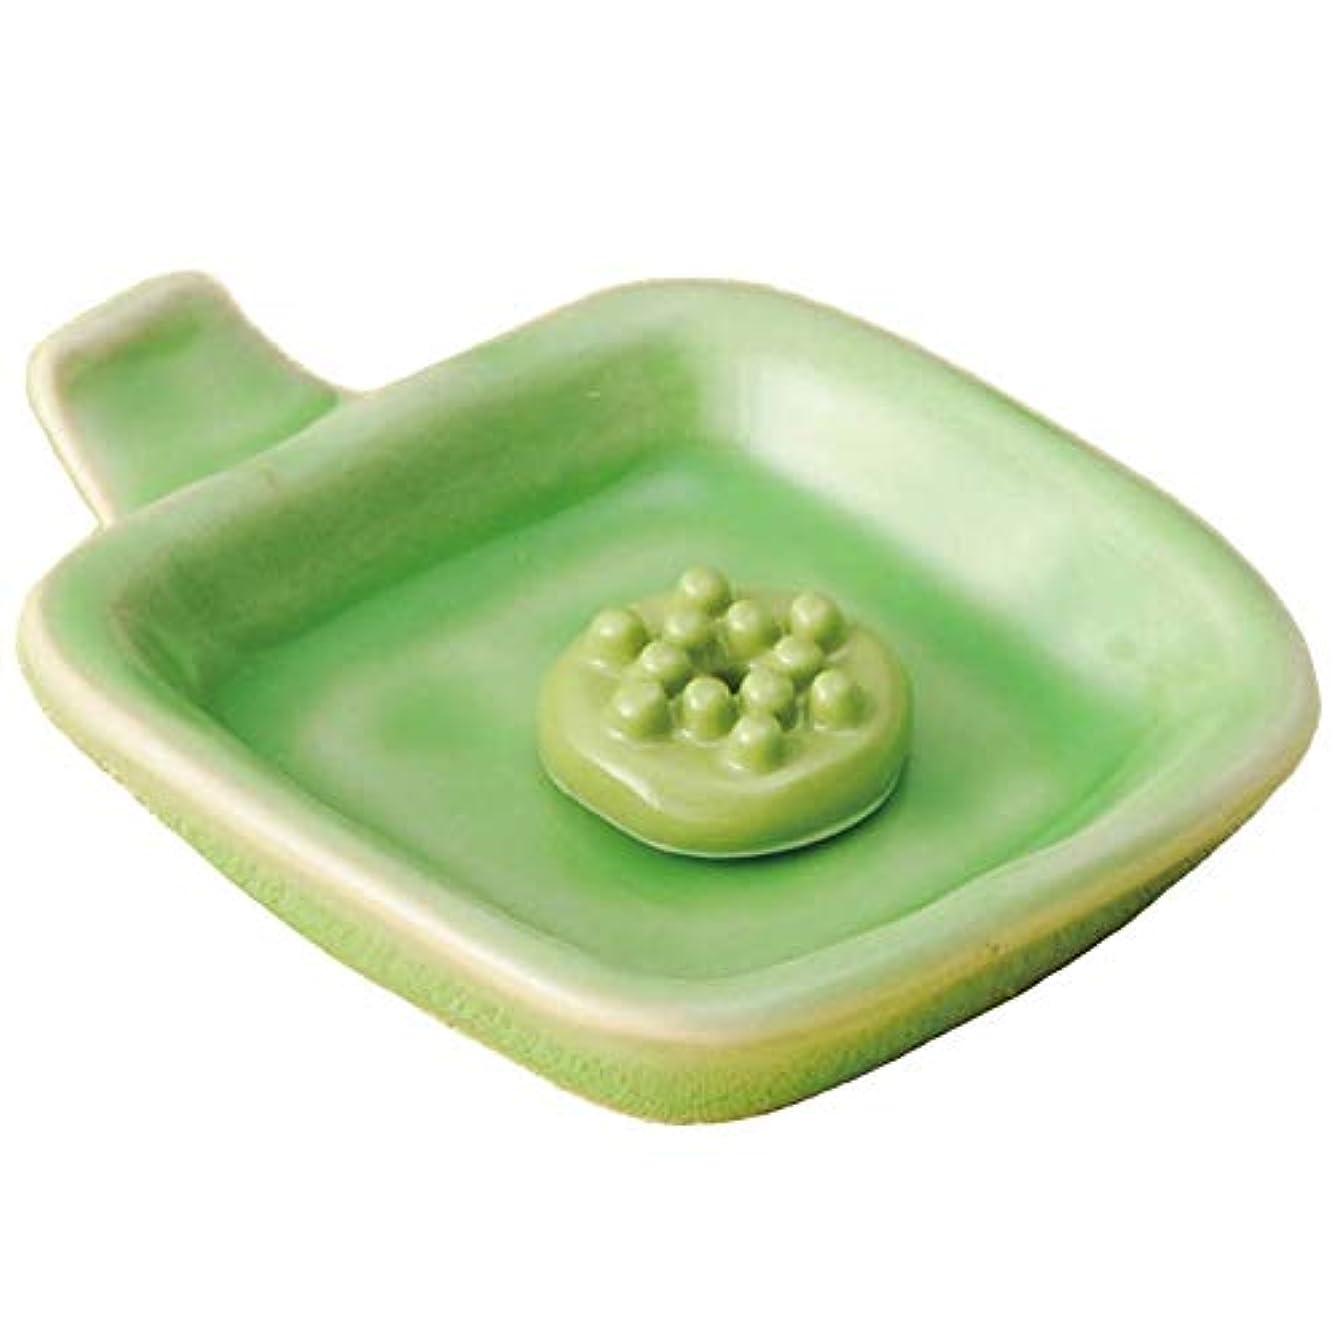 に向けて出発全能症候群香皿 香立て/手付 角香皿 緑(香玉付) /香り アロマ 癒やし リラックス インテリア プレゼント 贈り物